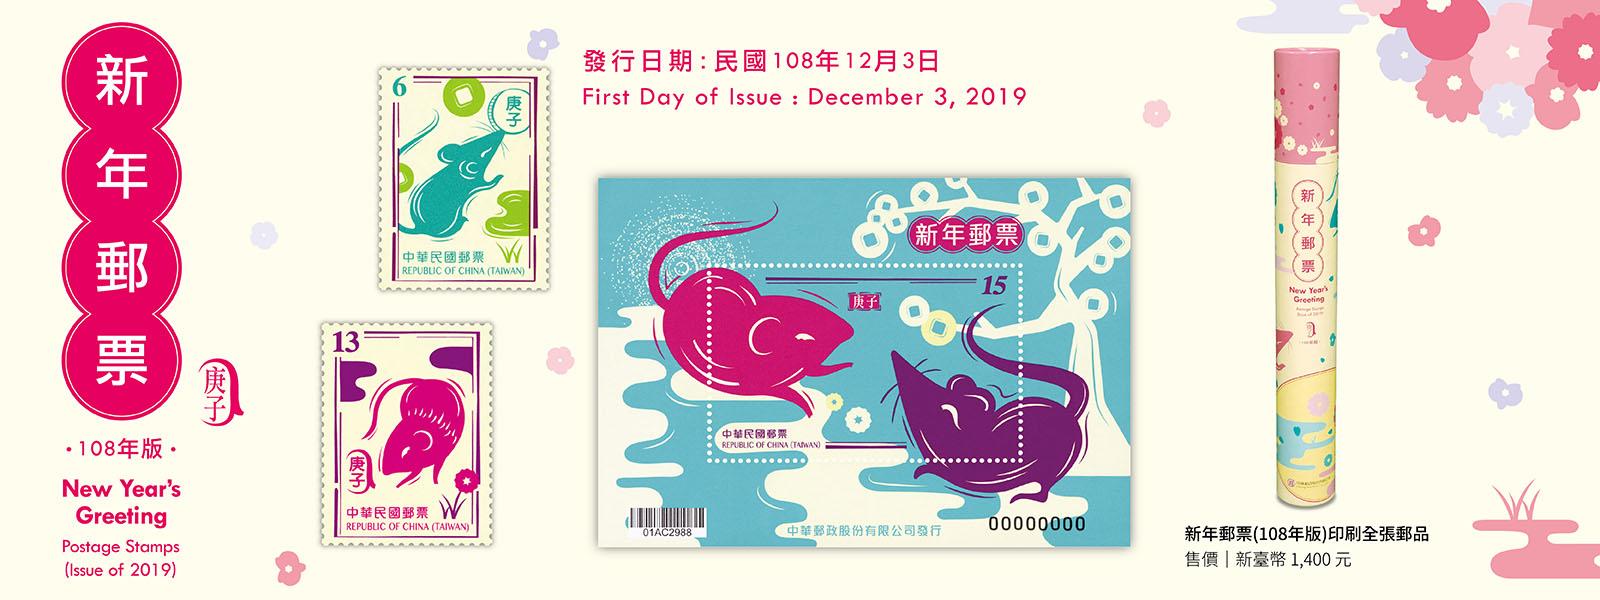 廣告連結:特686 新年郵票(108年版)